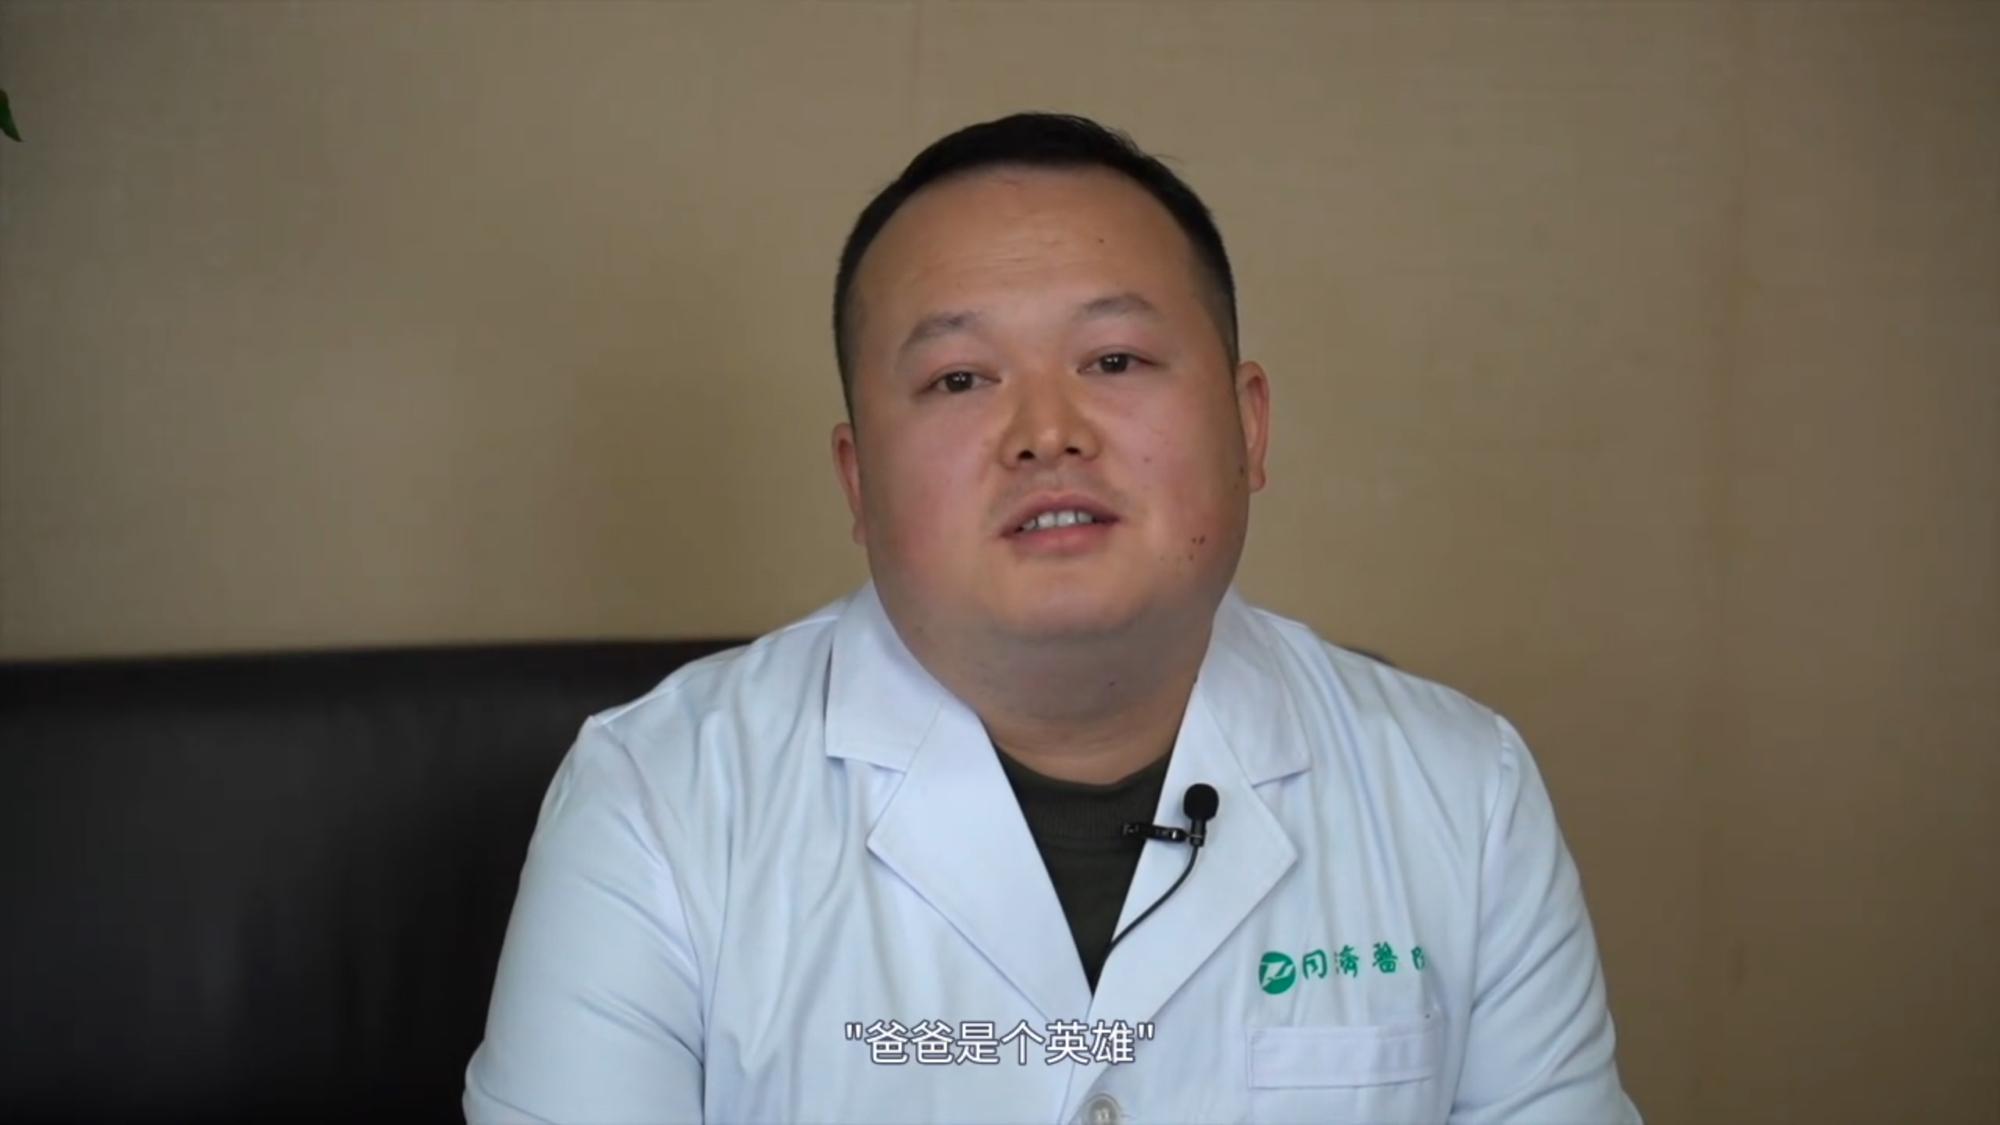 武汉首位新冠重症医生:孩子大了我会告诉他,爸爸是个英雄